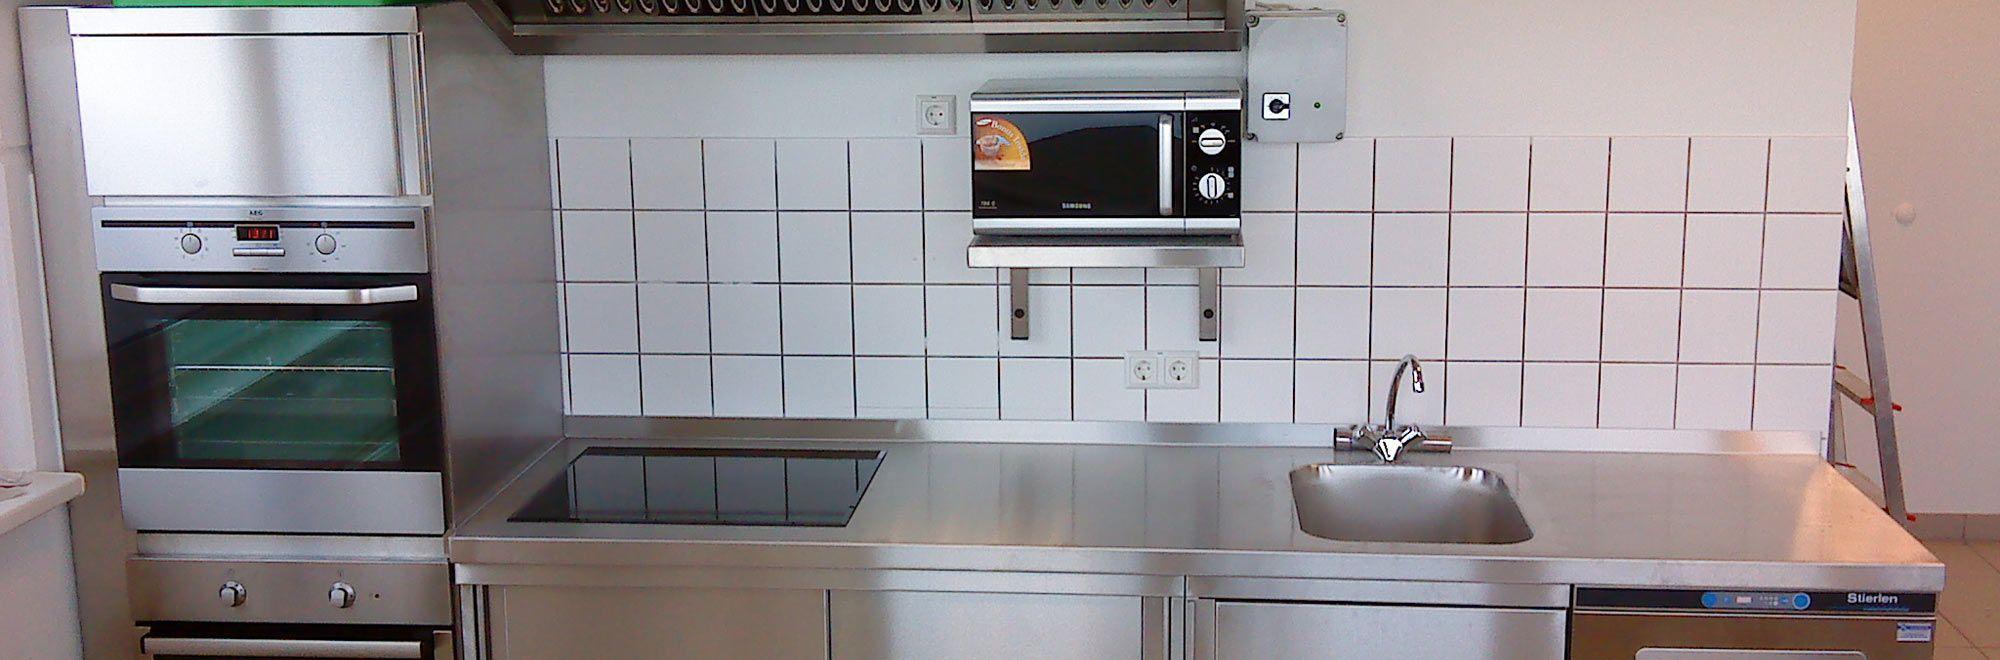 schneider großküchentechnik | großkücheneinrichtung in bielefeld